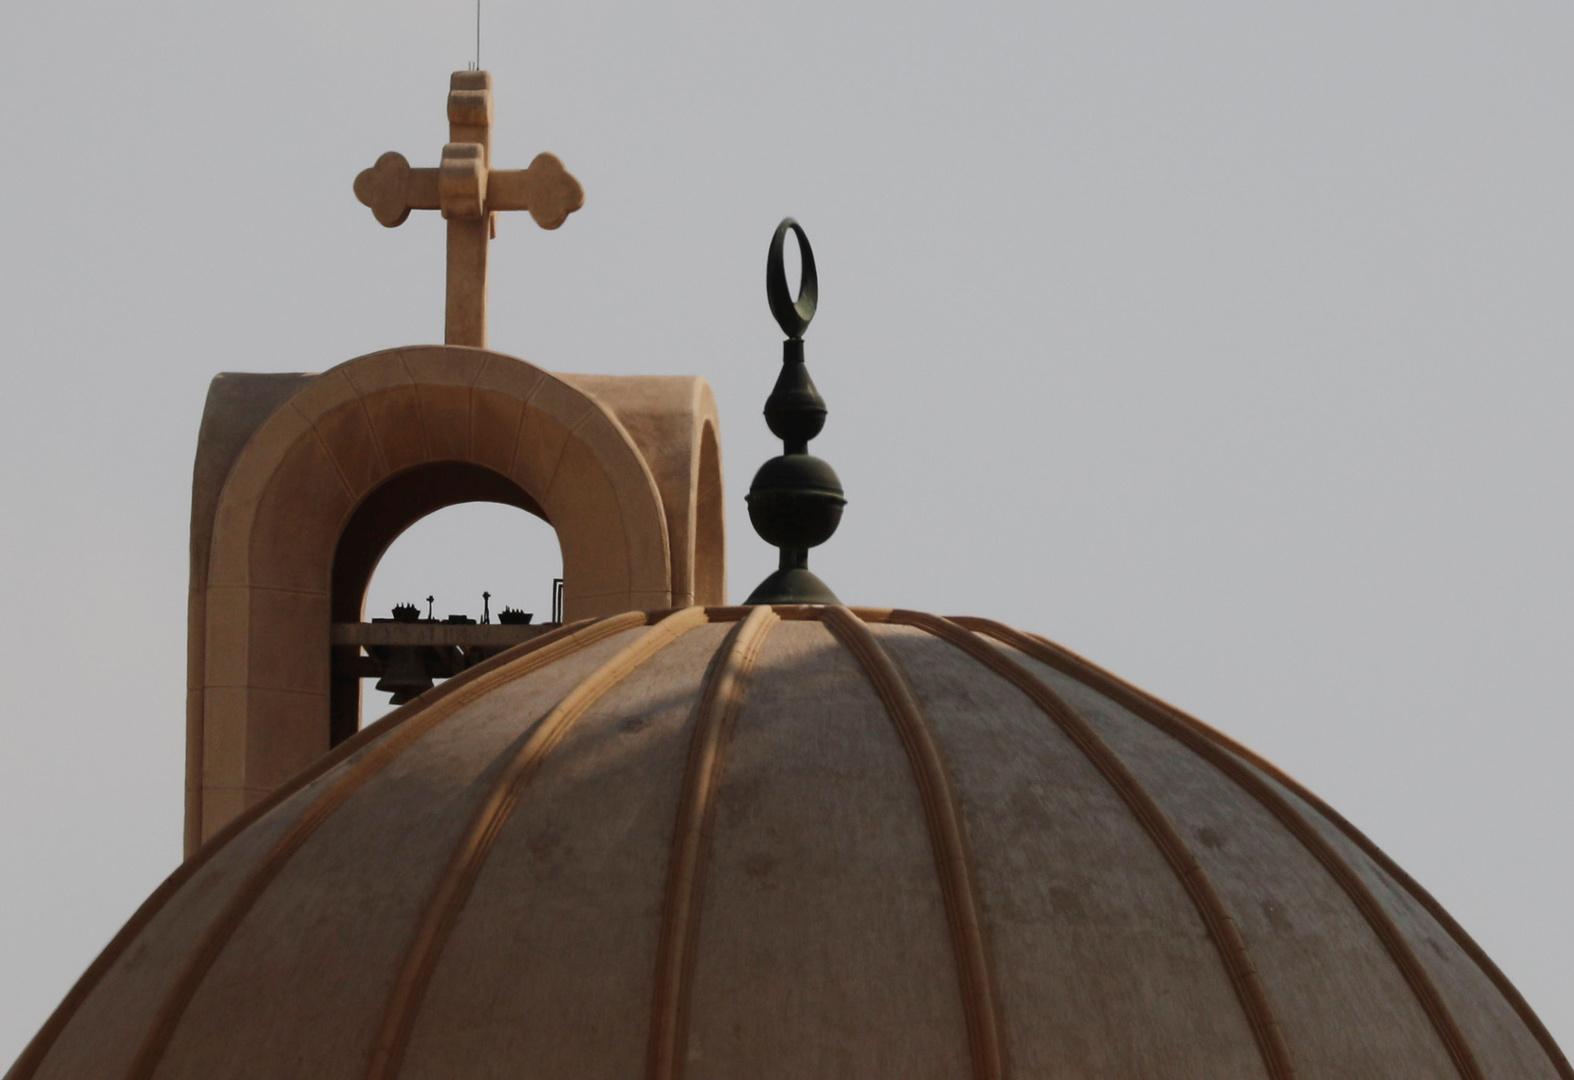 مئذنة مسجد وصليب فوق كنيسة في مصر